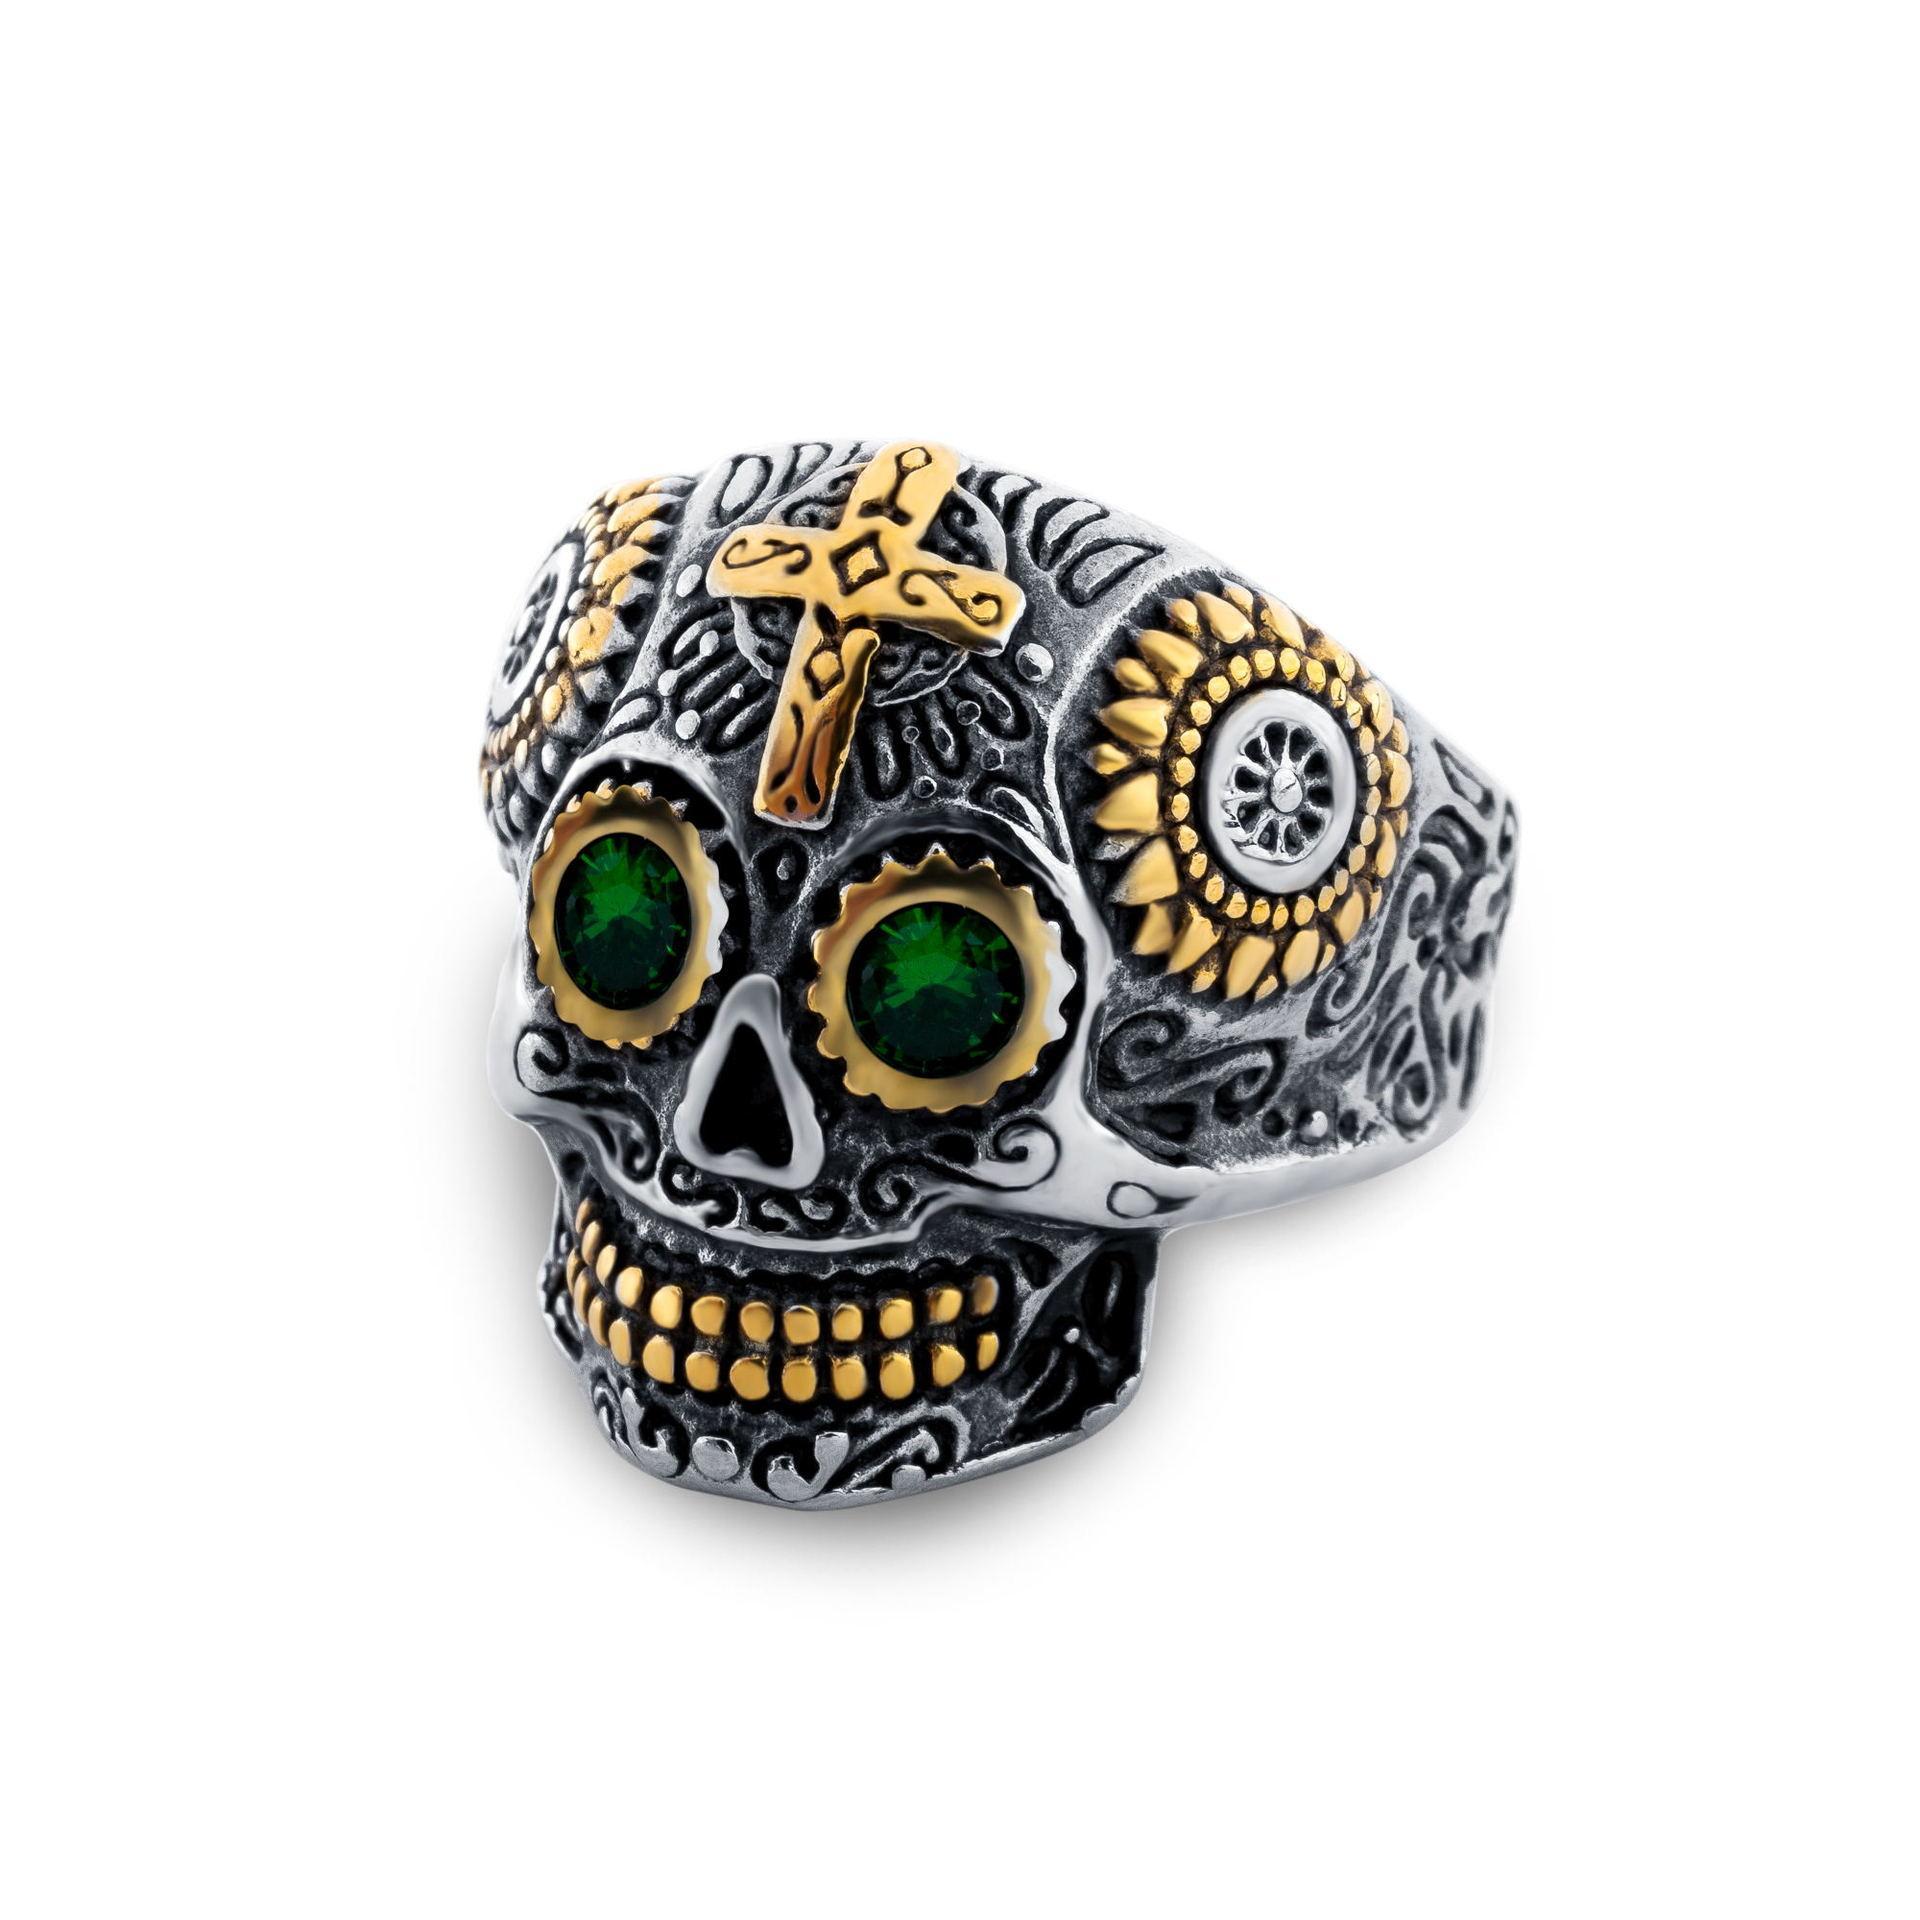 Europa e América, velho atravessar anel esqueleto crânio, anel esculpido, explosão negócios eletrônicos, fantasma imitação mão Tita aço inoxidável